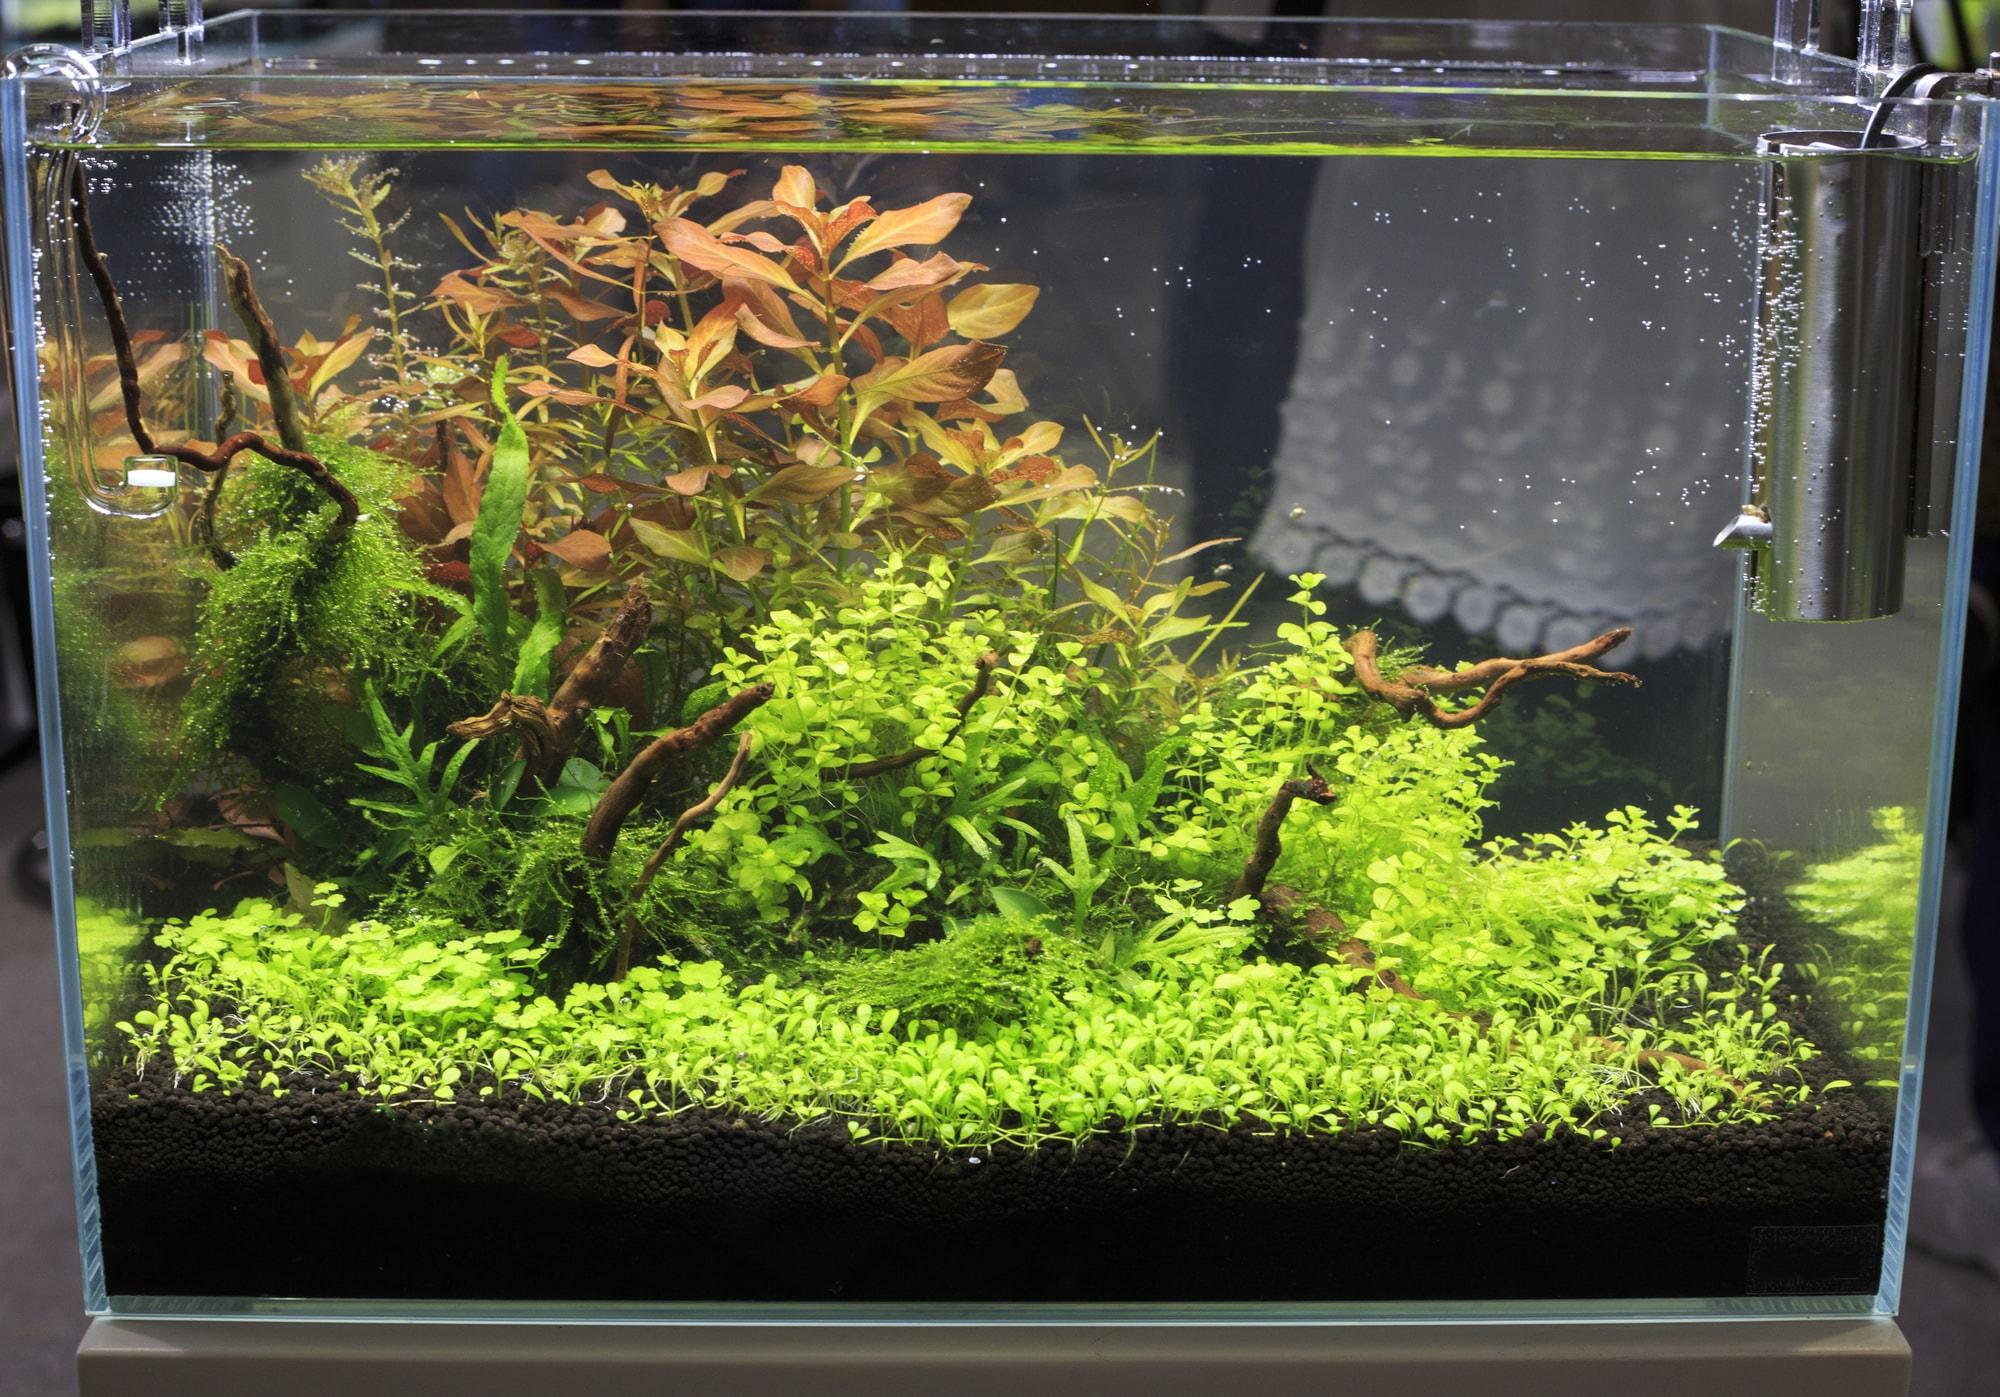 10 gallon freshwater aquarium fish tank